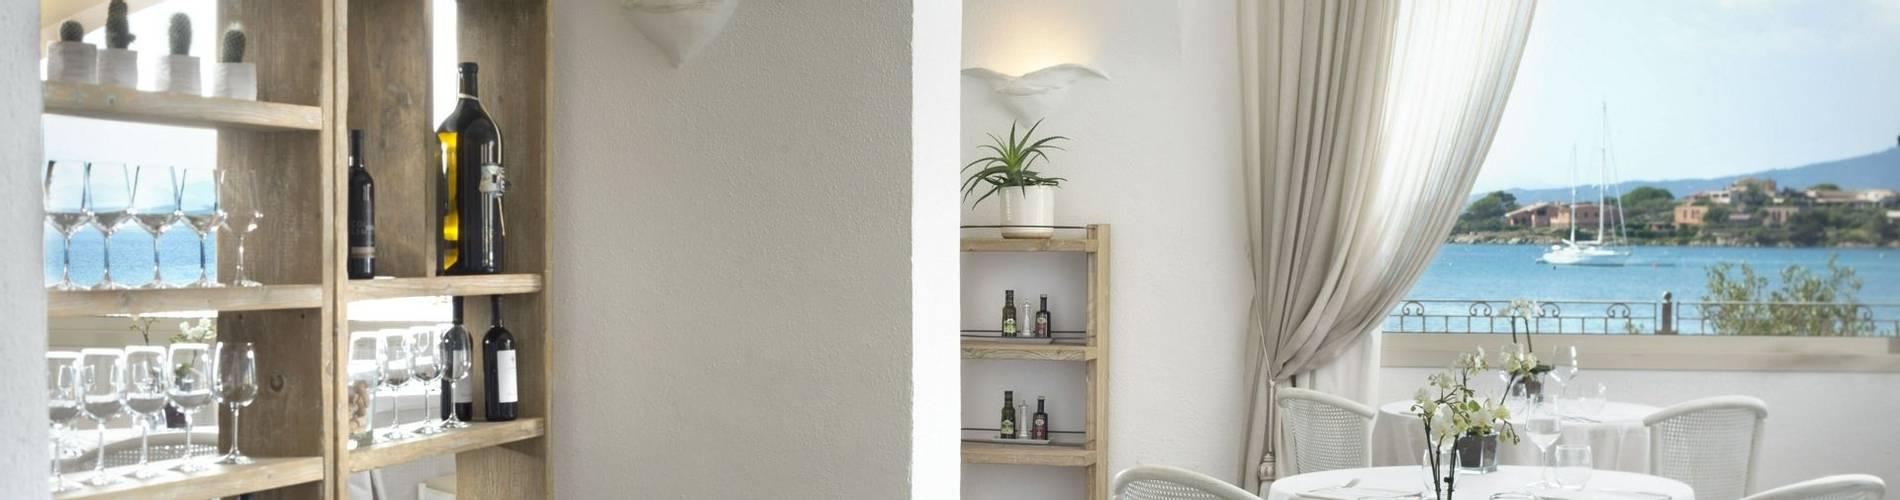 The White Restaurant - Gabbiano Azzurro Hotel _ Suites 1.jpg